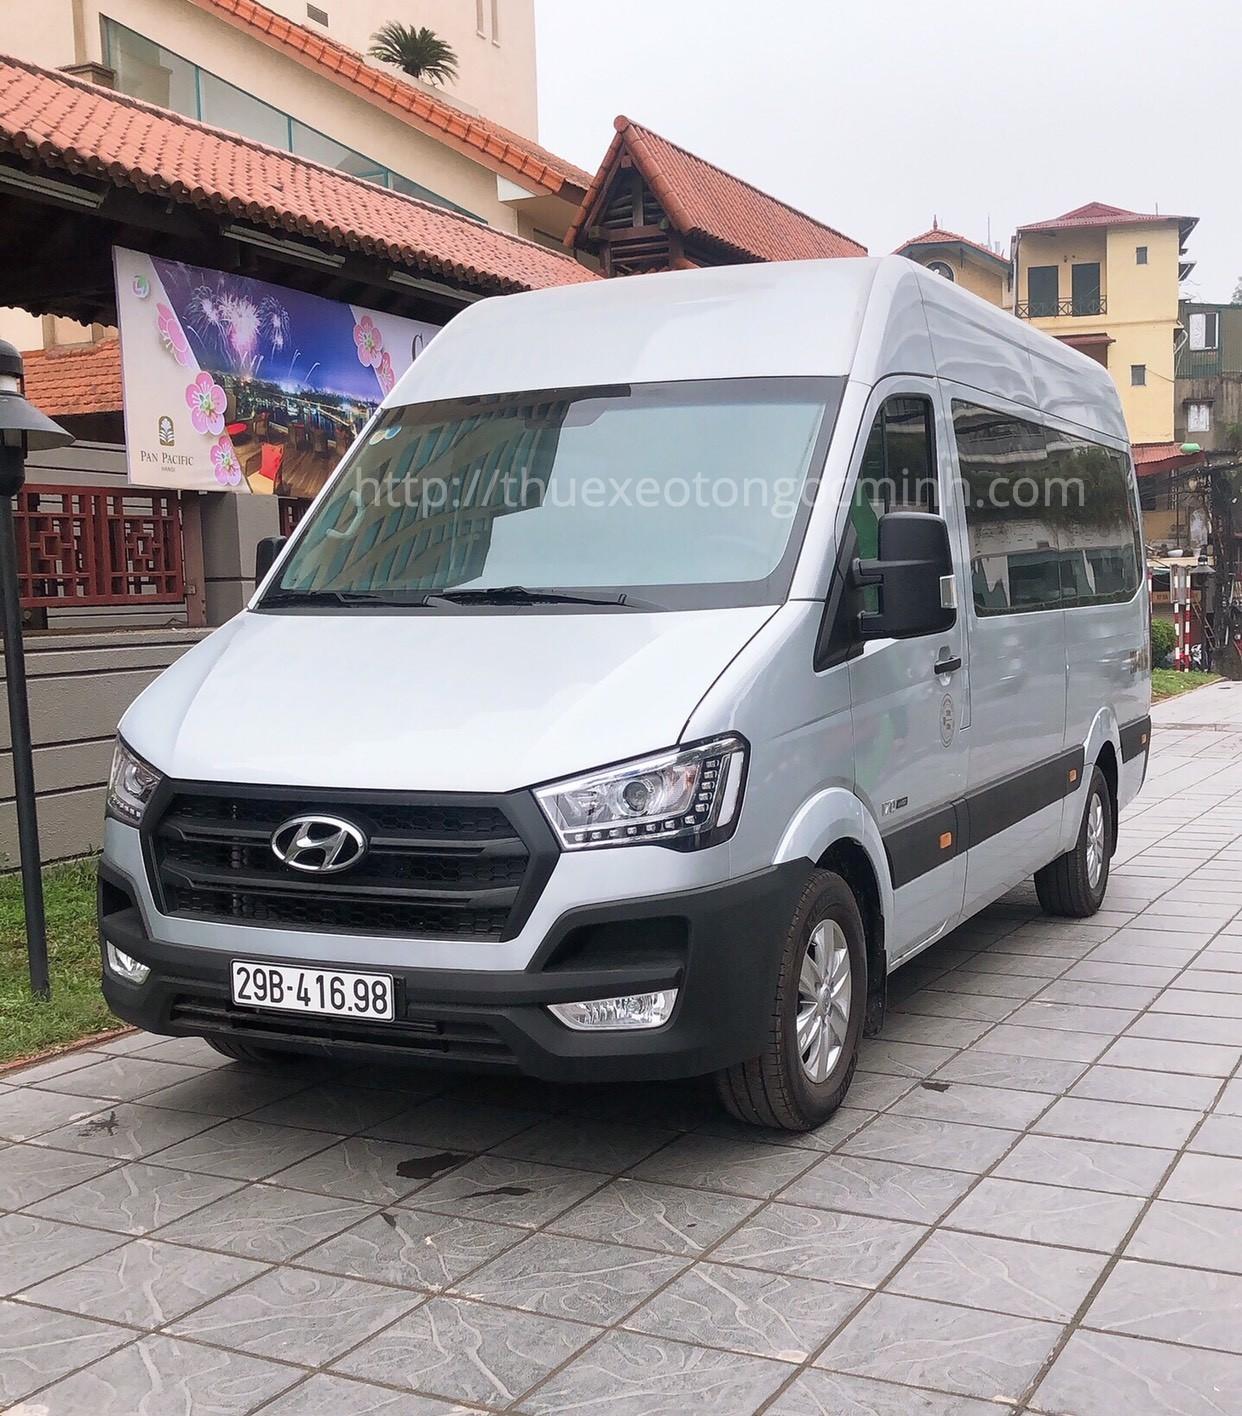 Thuê xe 16 chỗ tại quận Ba Đình mang đến nhiều tiện ích tuyệt vời cho bạn